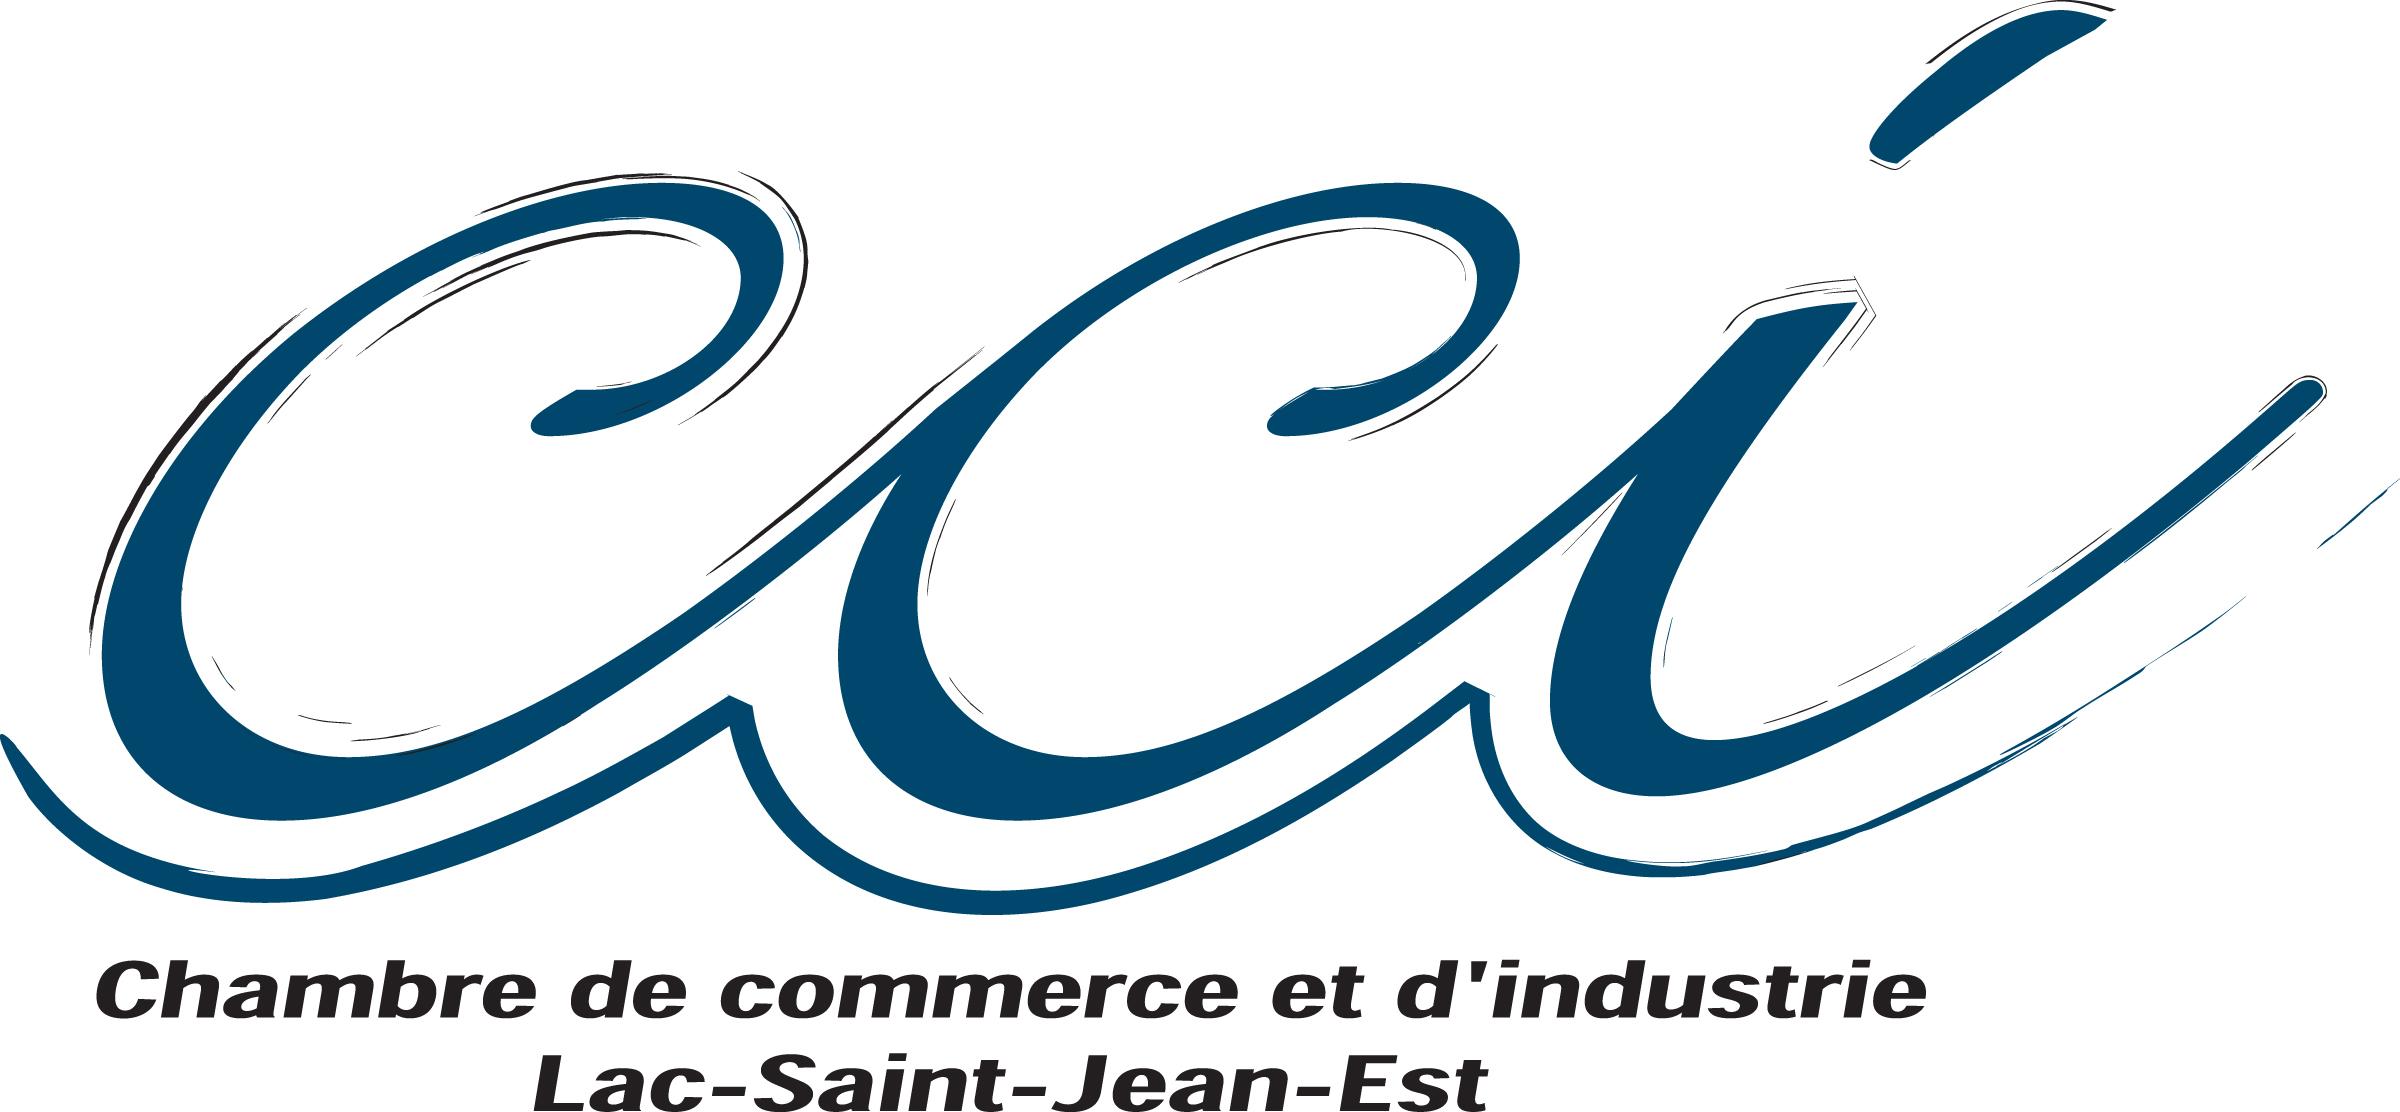 Chambre de commerce et d 39 industrie lac saint jean est for Chambre de commerce et d